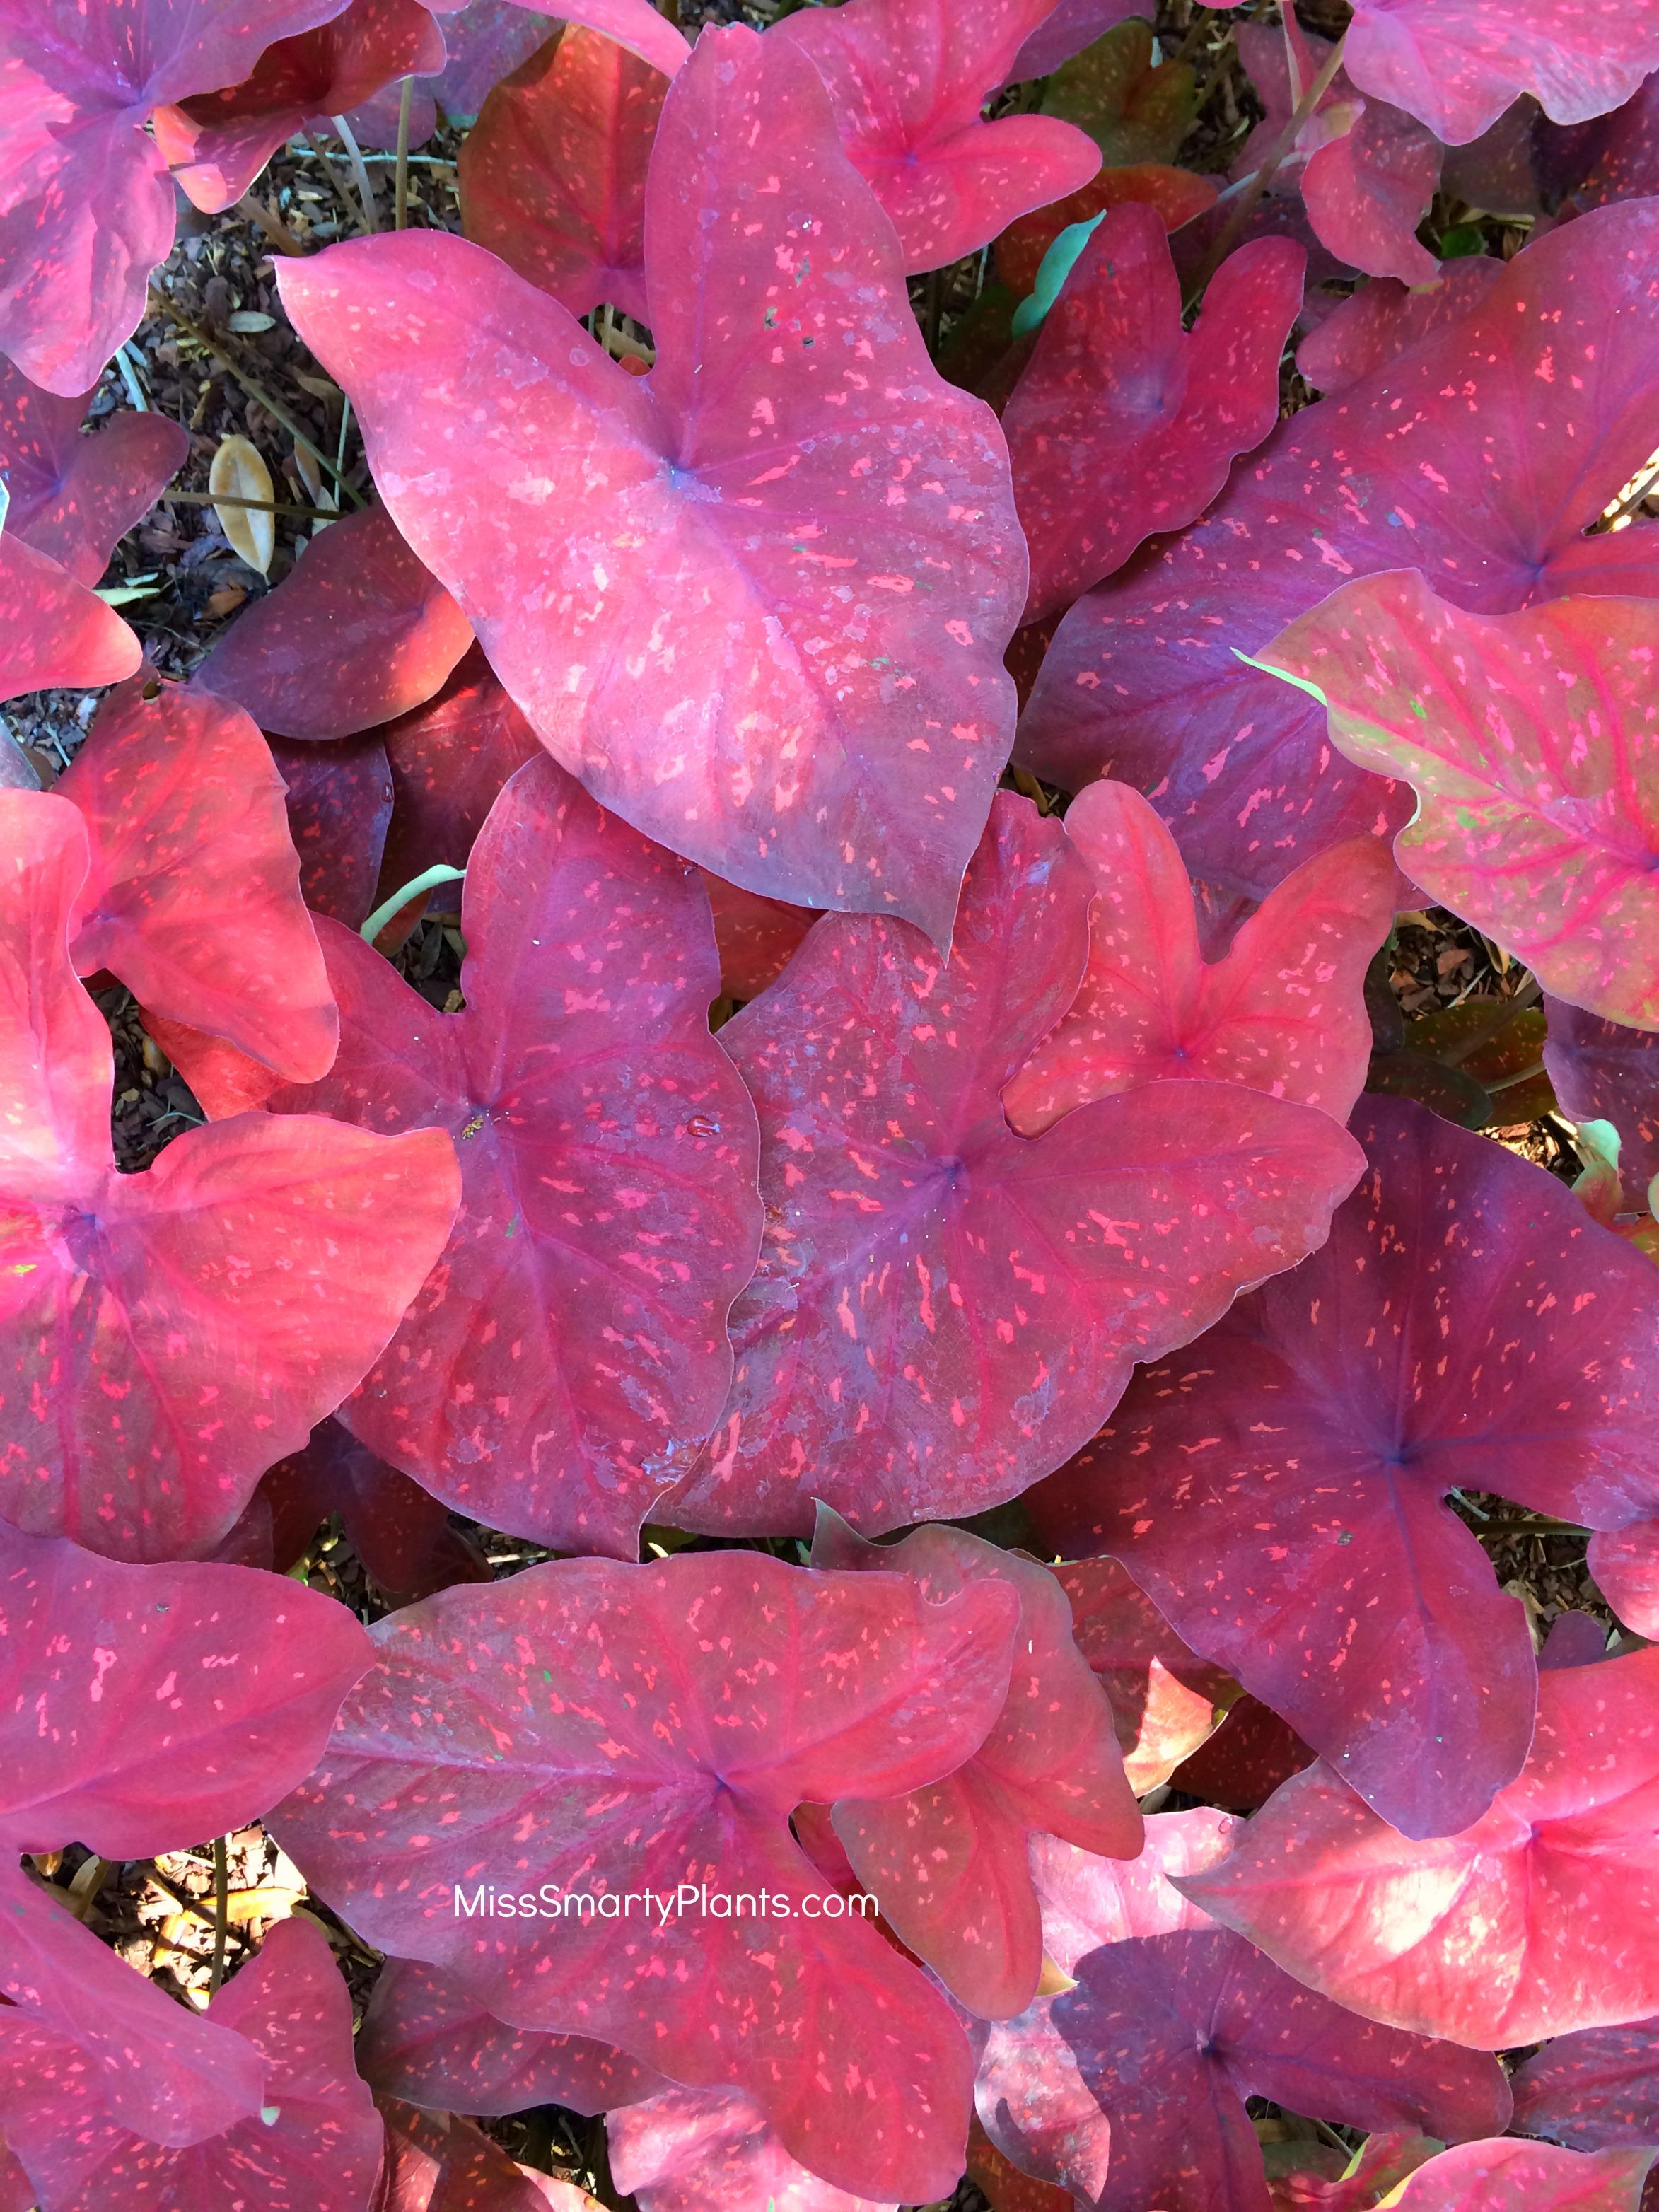 New Caladium Varieties Miss Smarty Plants